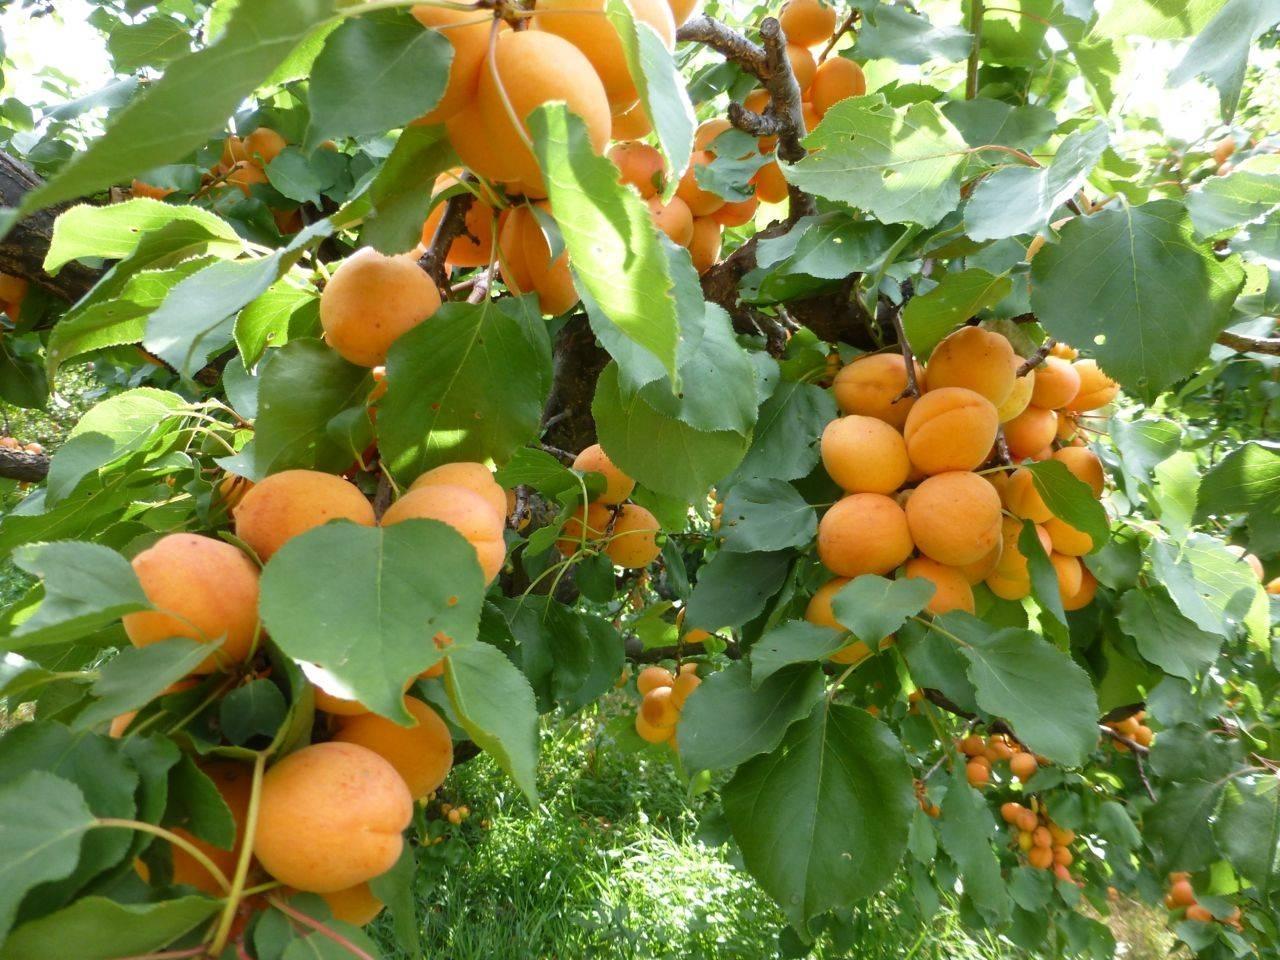 I migliori alberi da giardino piante in giardino gli - Piante in giardino ...